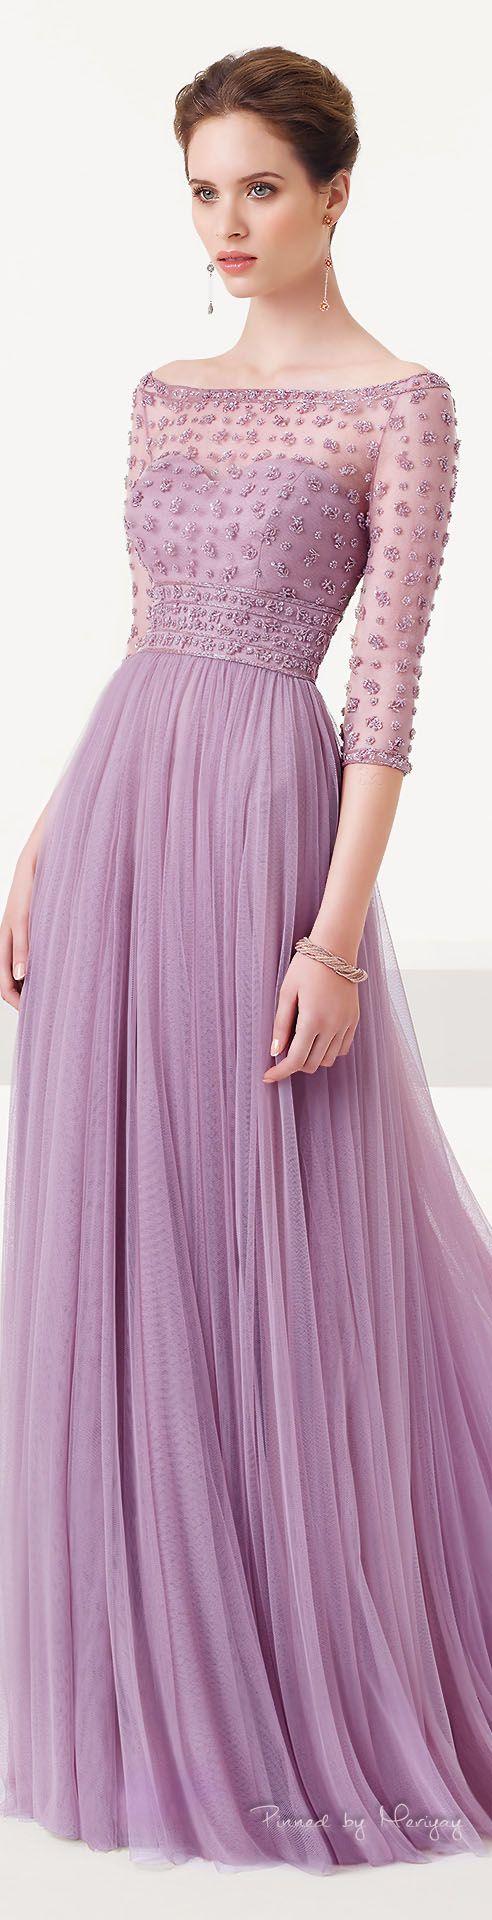 Visita nuestra pagina para ver más modelos! ❤❤❤ www.modainnovadora.com ❤❤❤ Visit our website to see